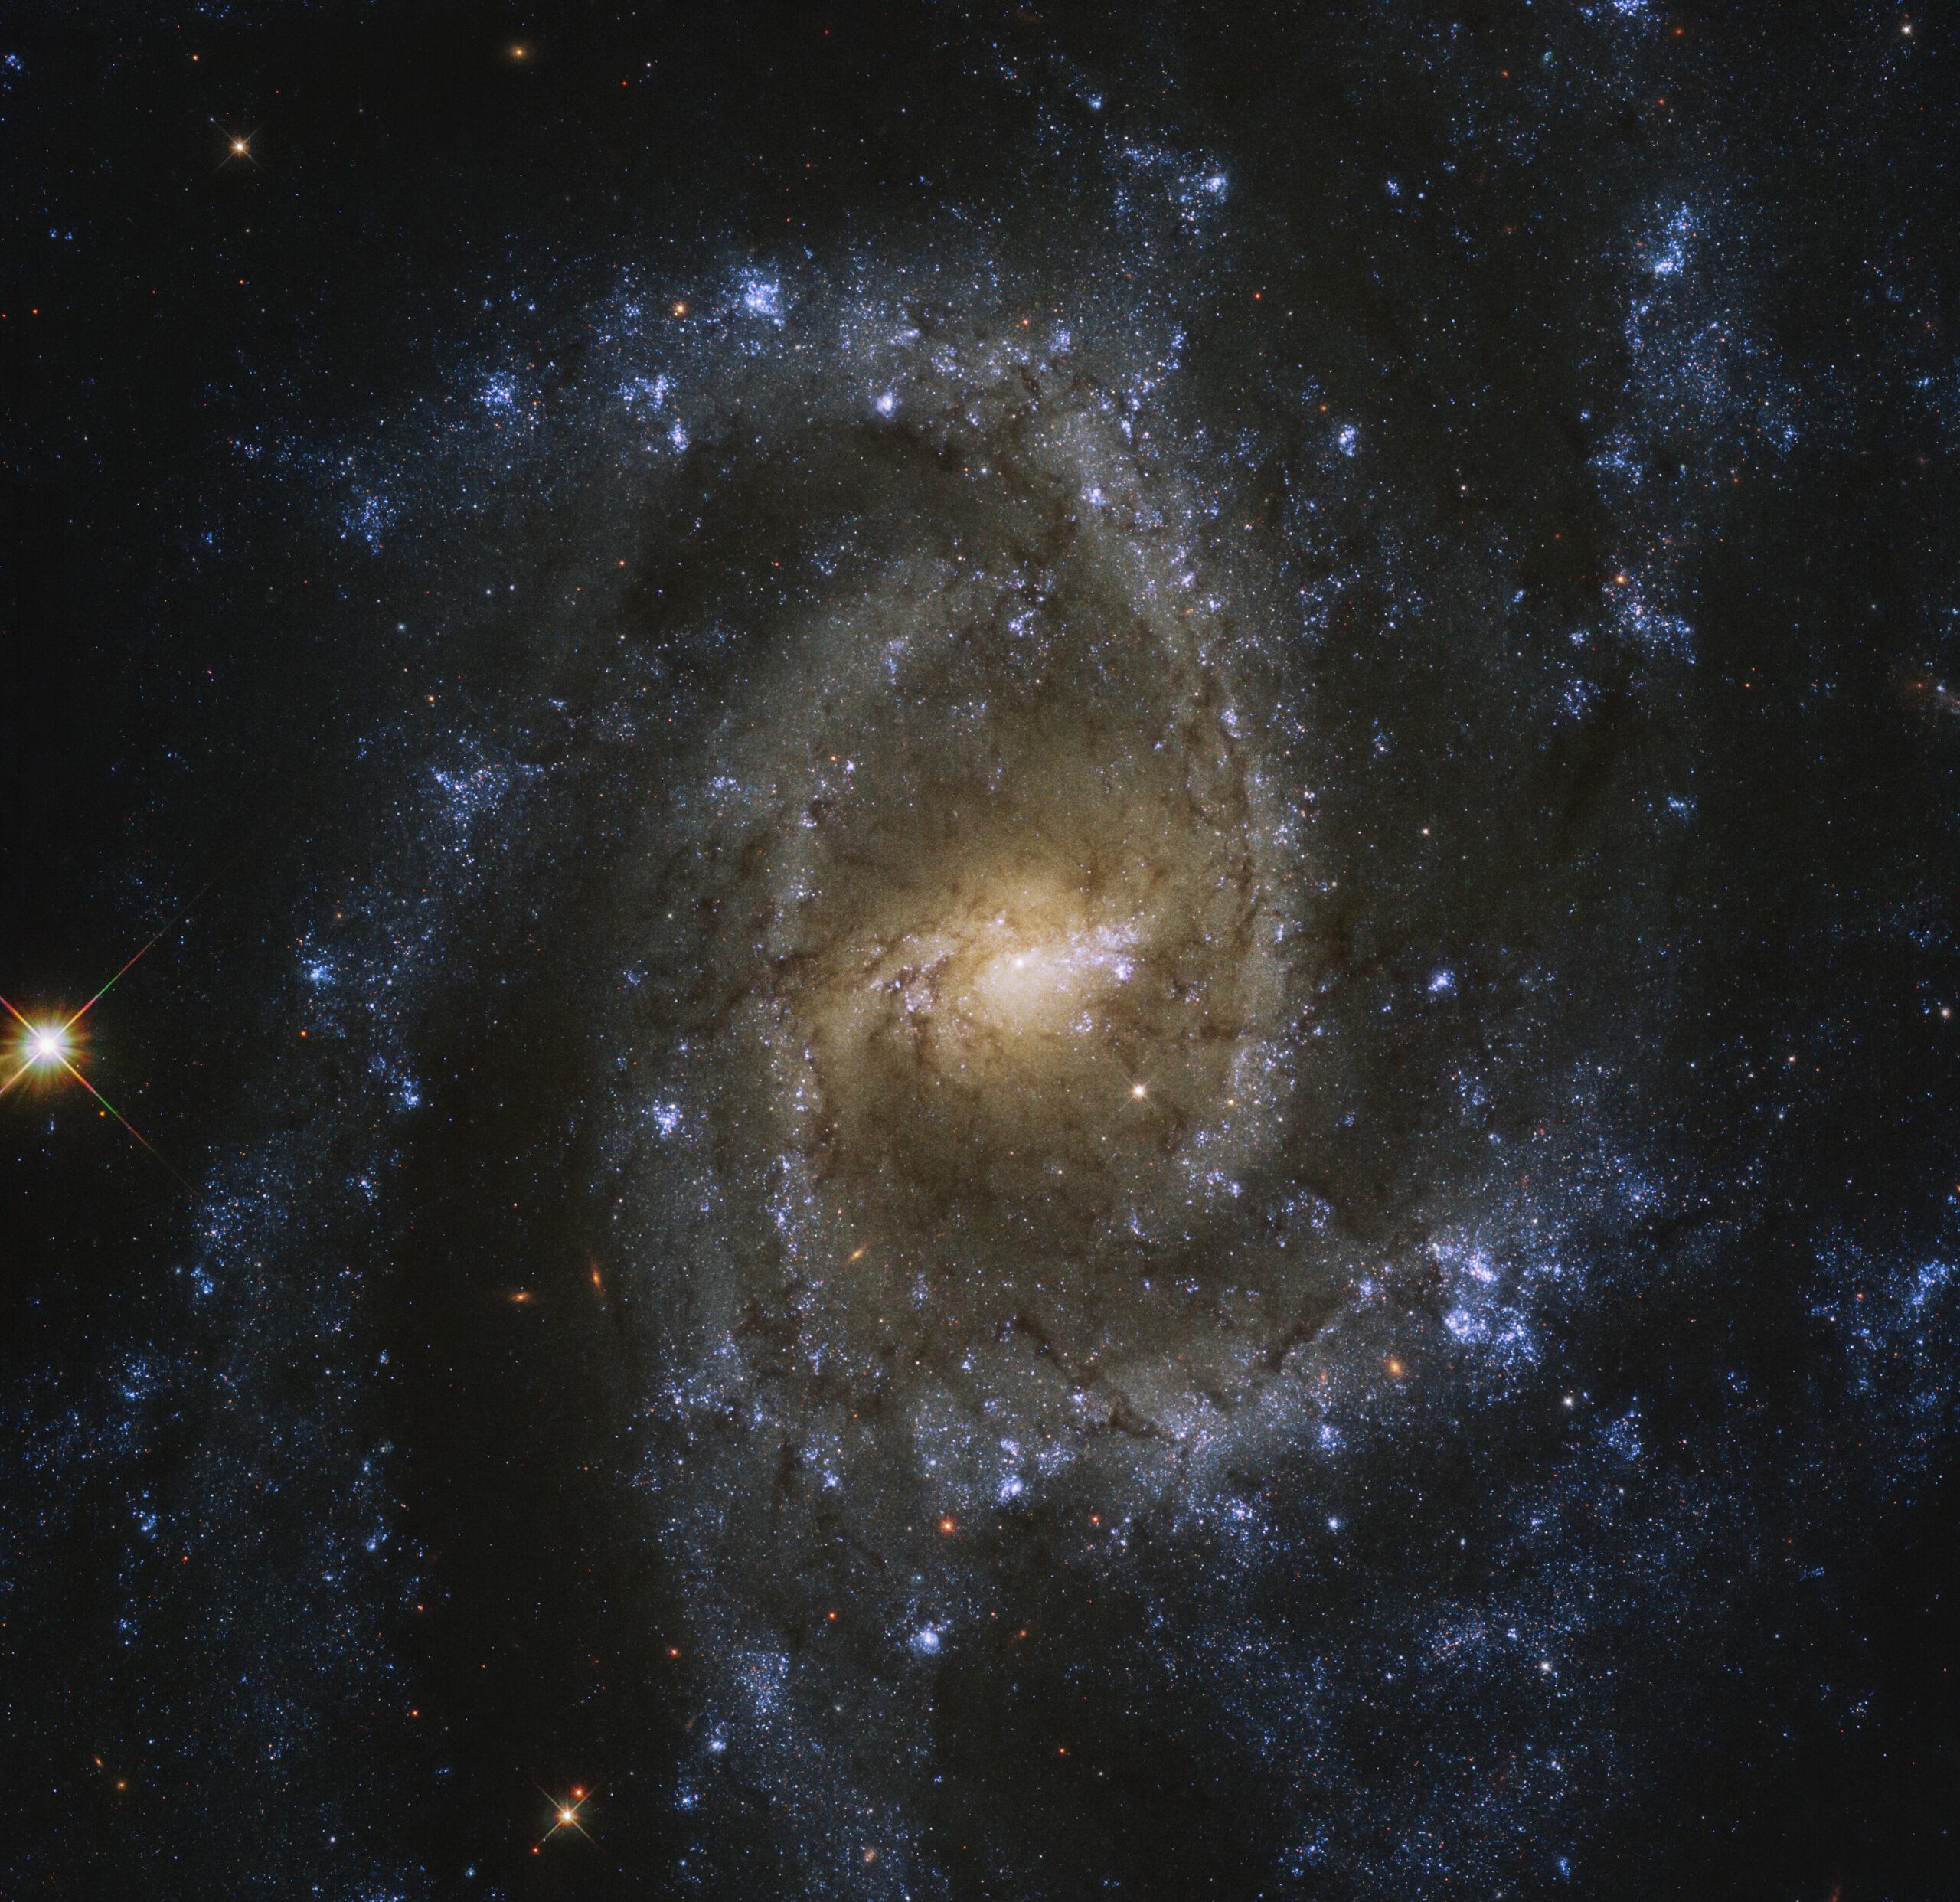 foto spaziali, Hubble